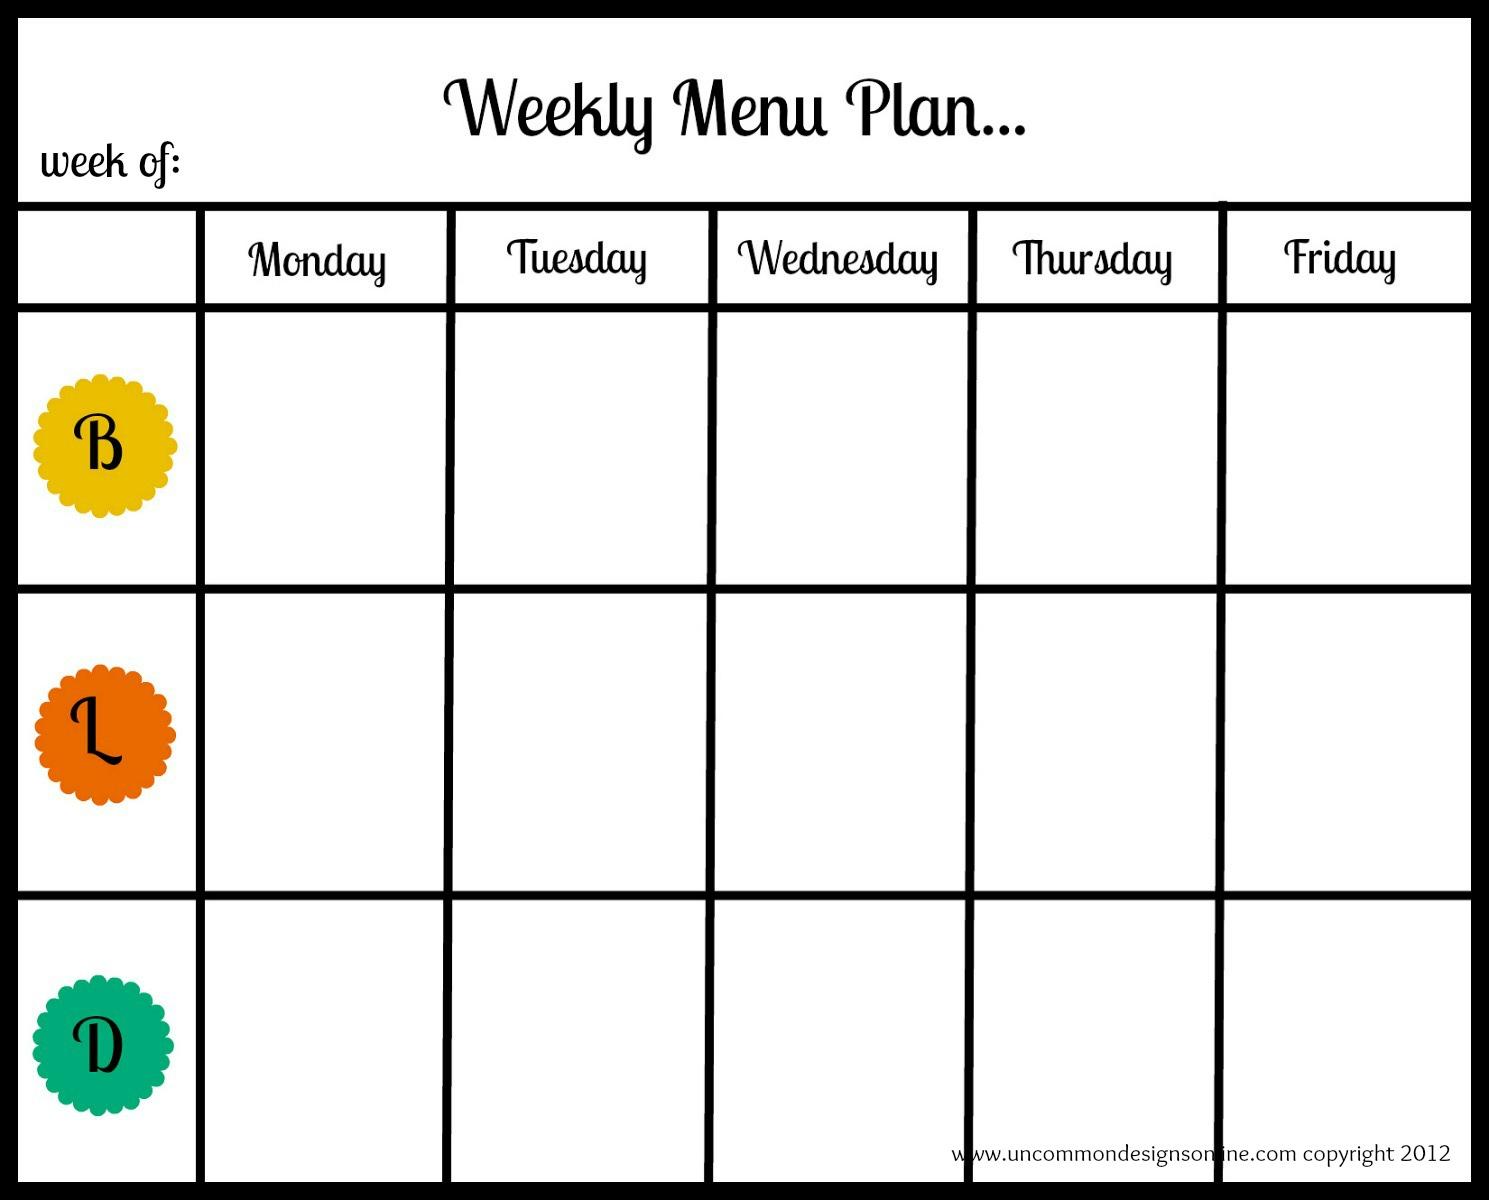 Top diet foods healthy eating menu plan for Breakfast lunch and dinner menu template